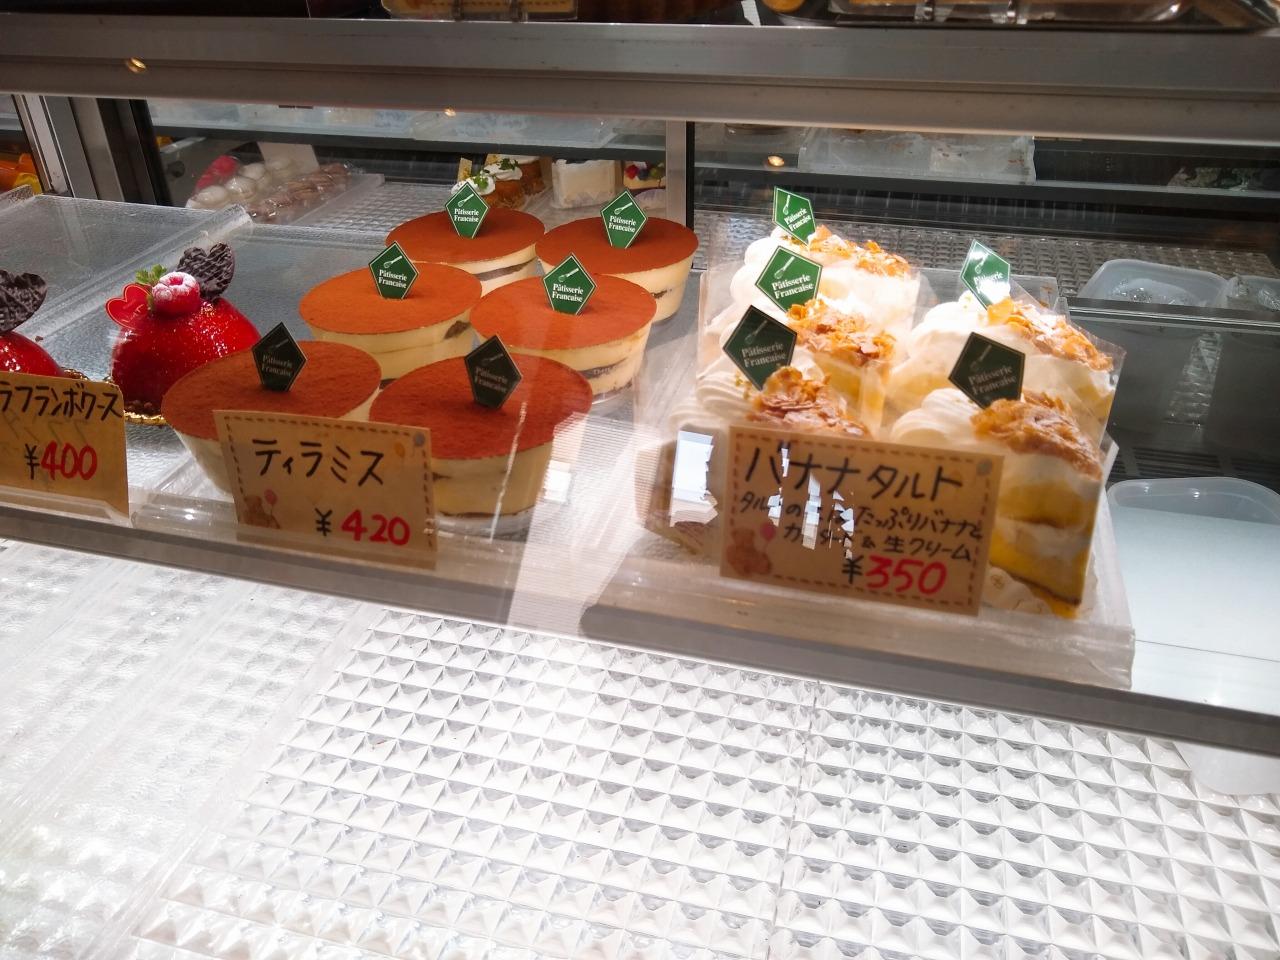 ヴェルプレのケーキ種類と値段